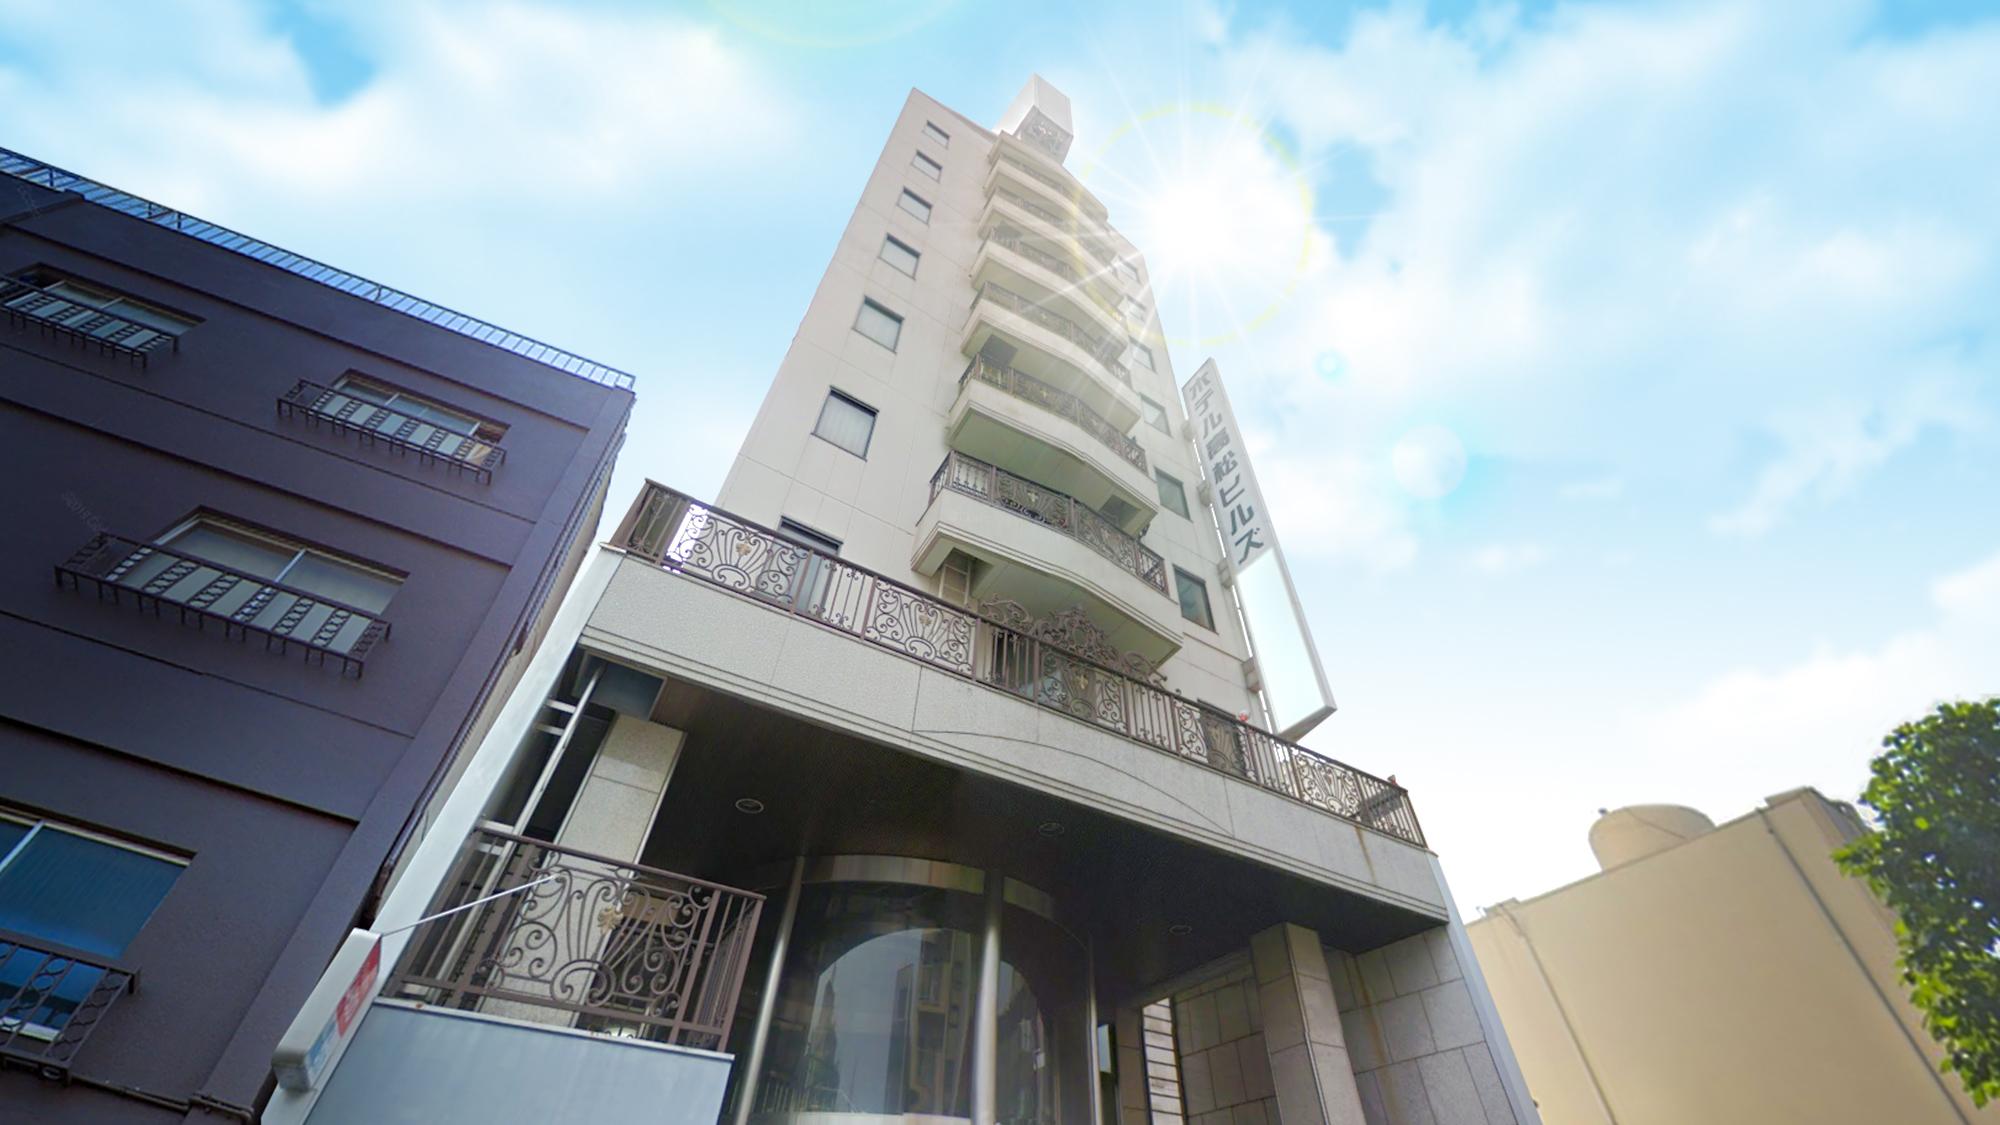 ホテル高松ヒルズ 瓦町駅前